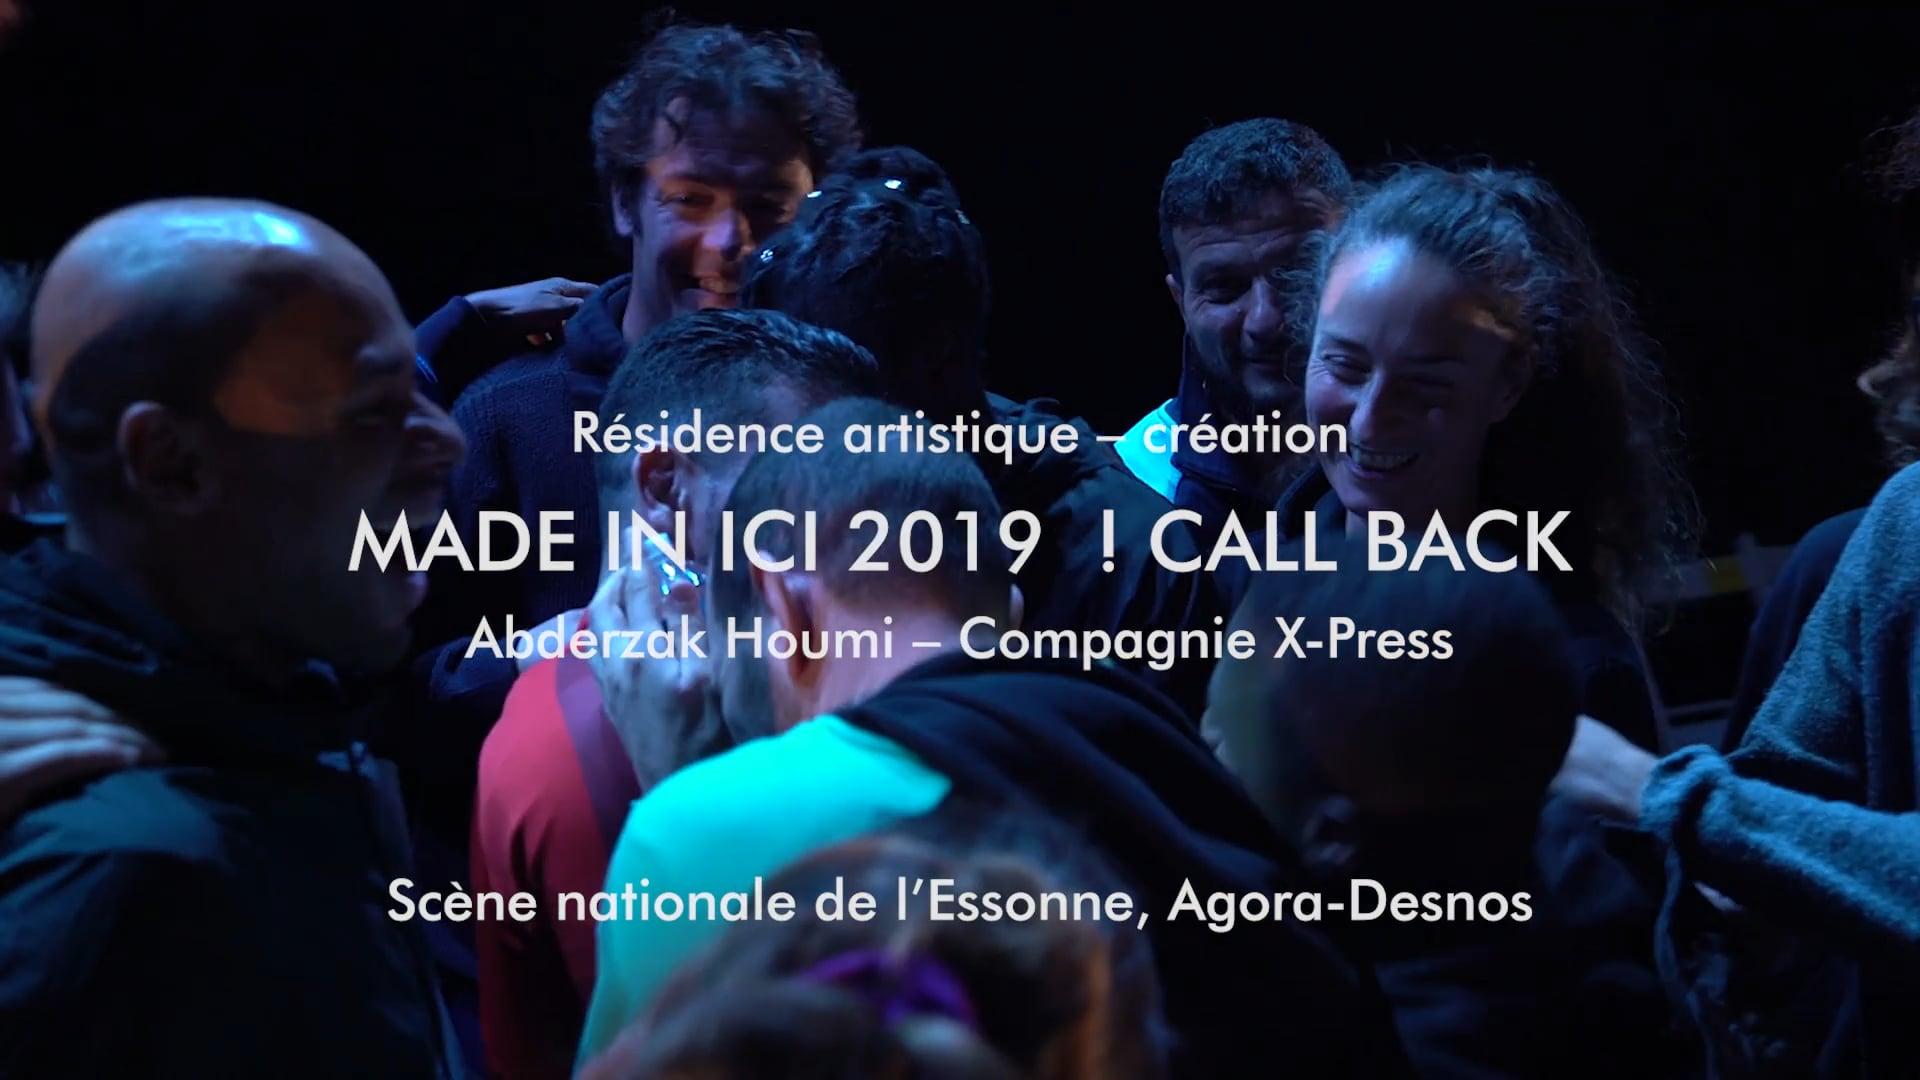 Made In Ici 2019 - Scène nationale de l'Essonne